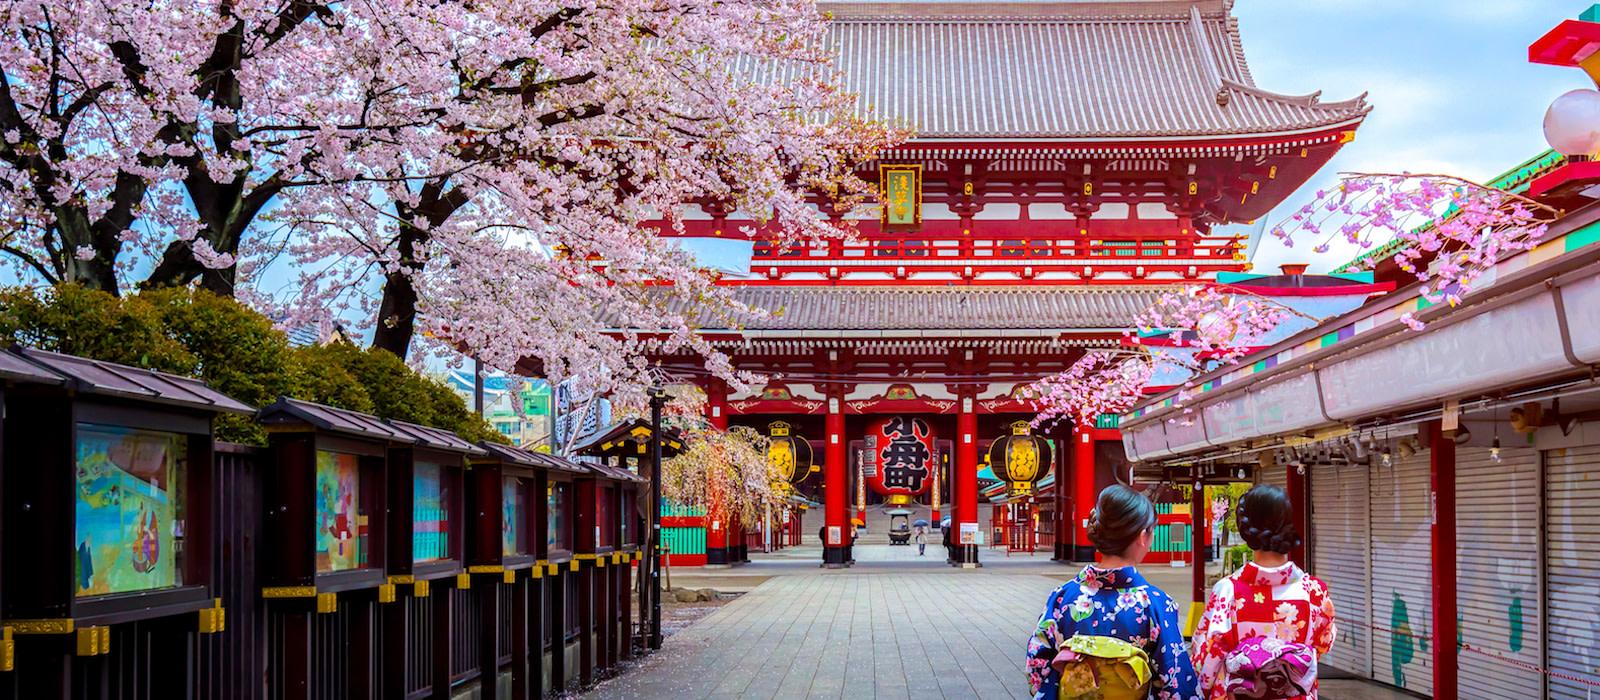 Japan Luxureise – Traditionen, Entspannung und Genuss Urlaub 1